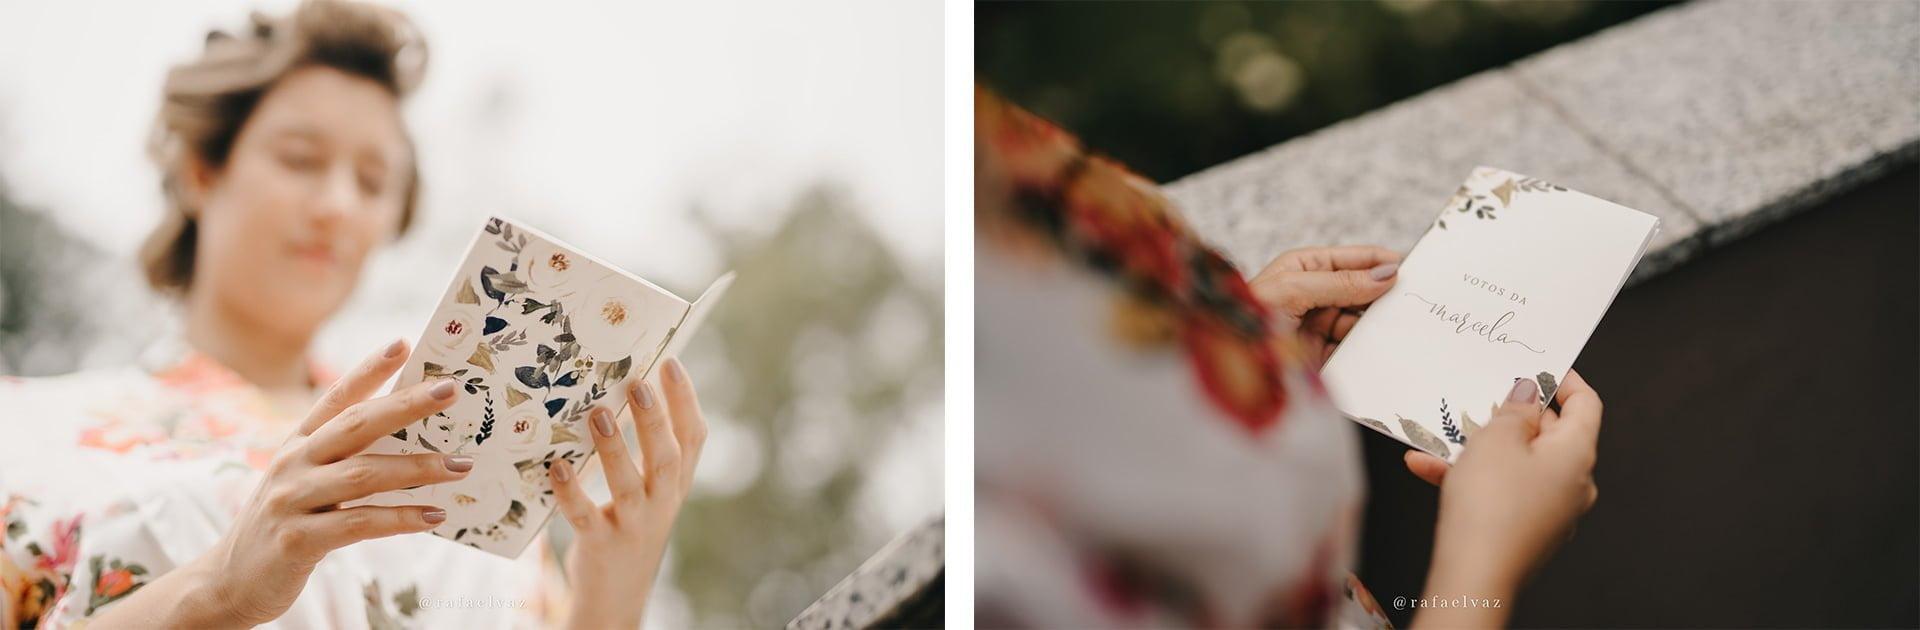 Fotografo de casamento sp, casamento no espaço serra do mar, rafael vaz fotografia, casamento folk, casamento romantico de dia, decoração de casamento de dia, rafael vaz fotografo, rafael vaz fotografia, rafael vaz, fotografia de casamento, fotografo de casamento, fotografia de casamento sp